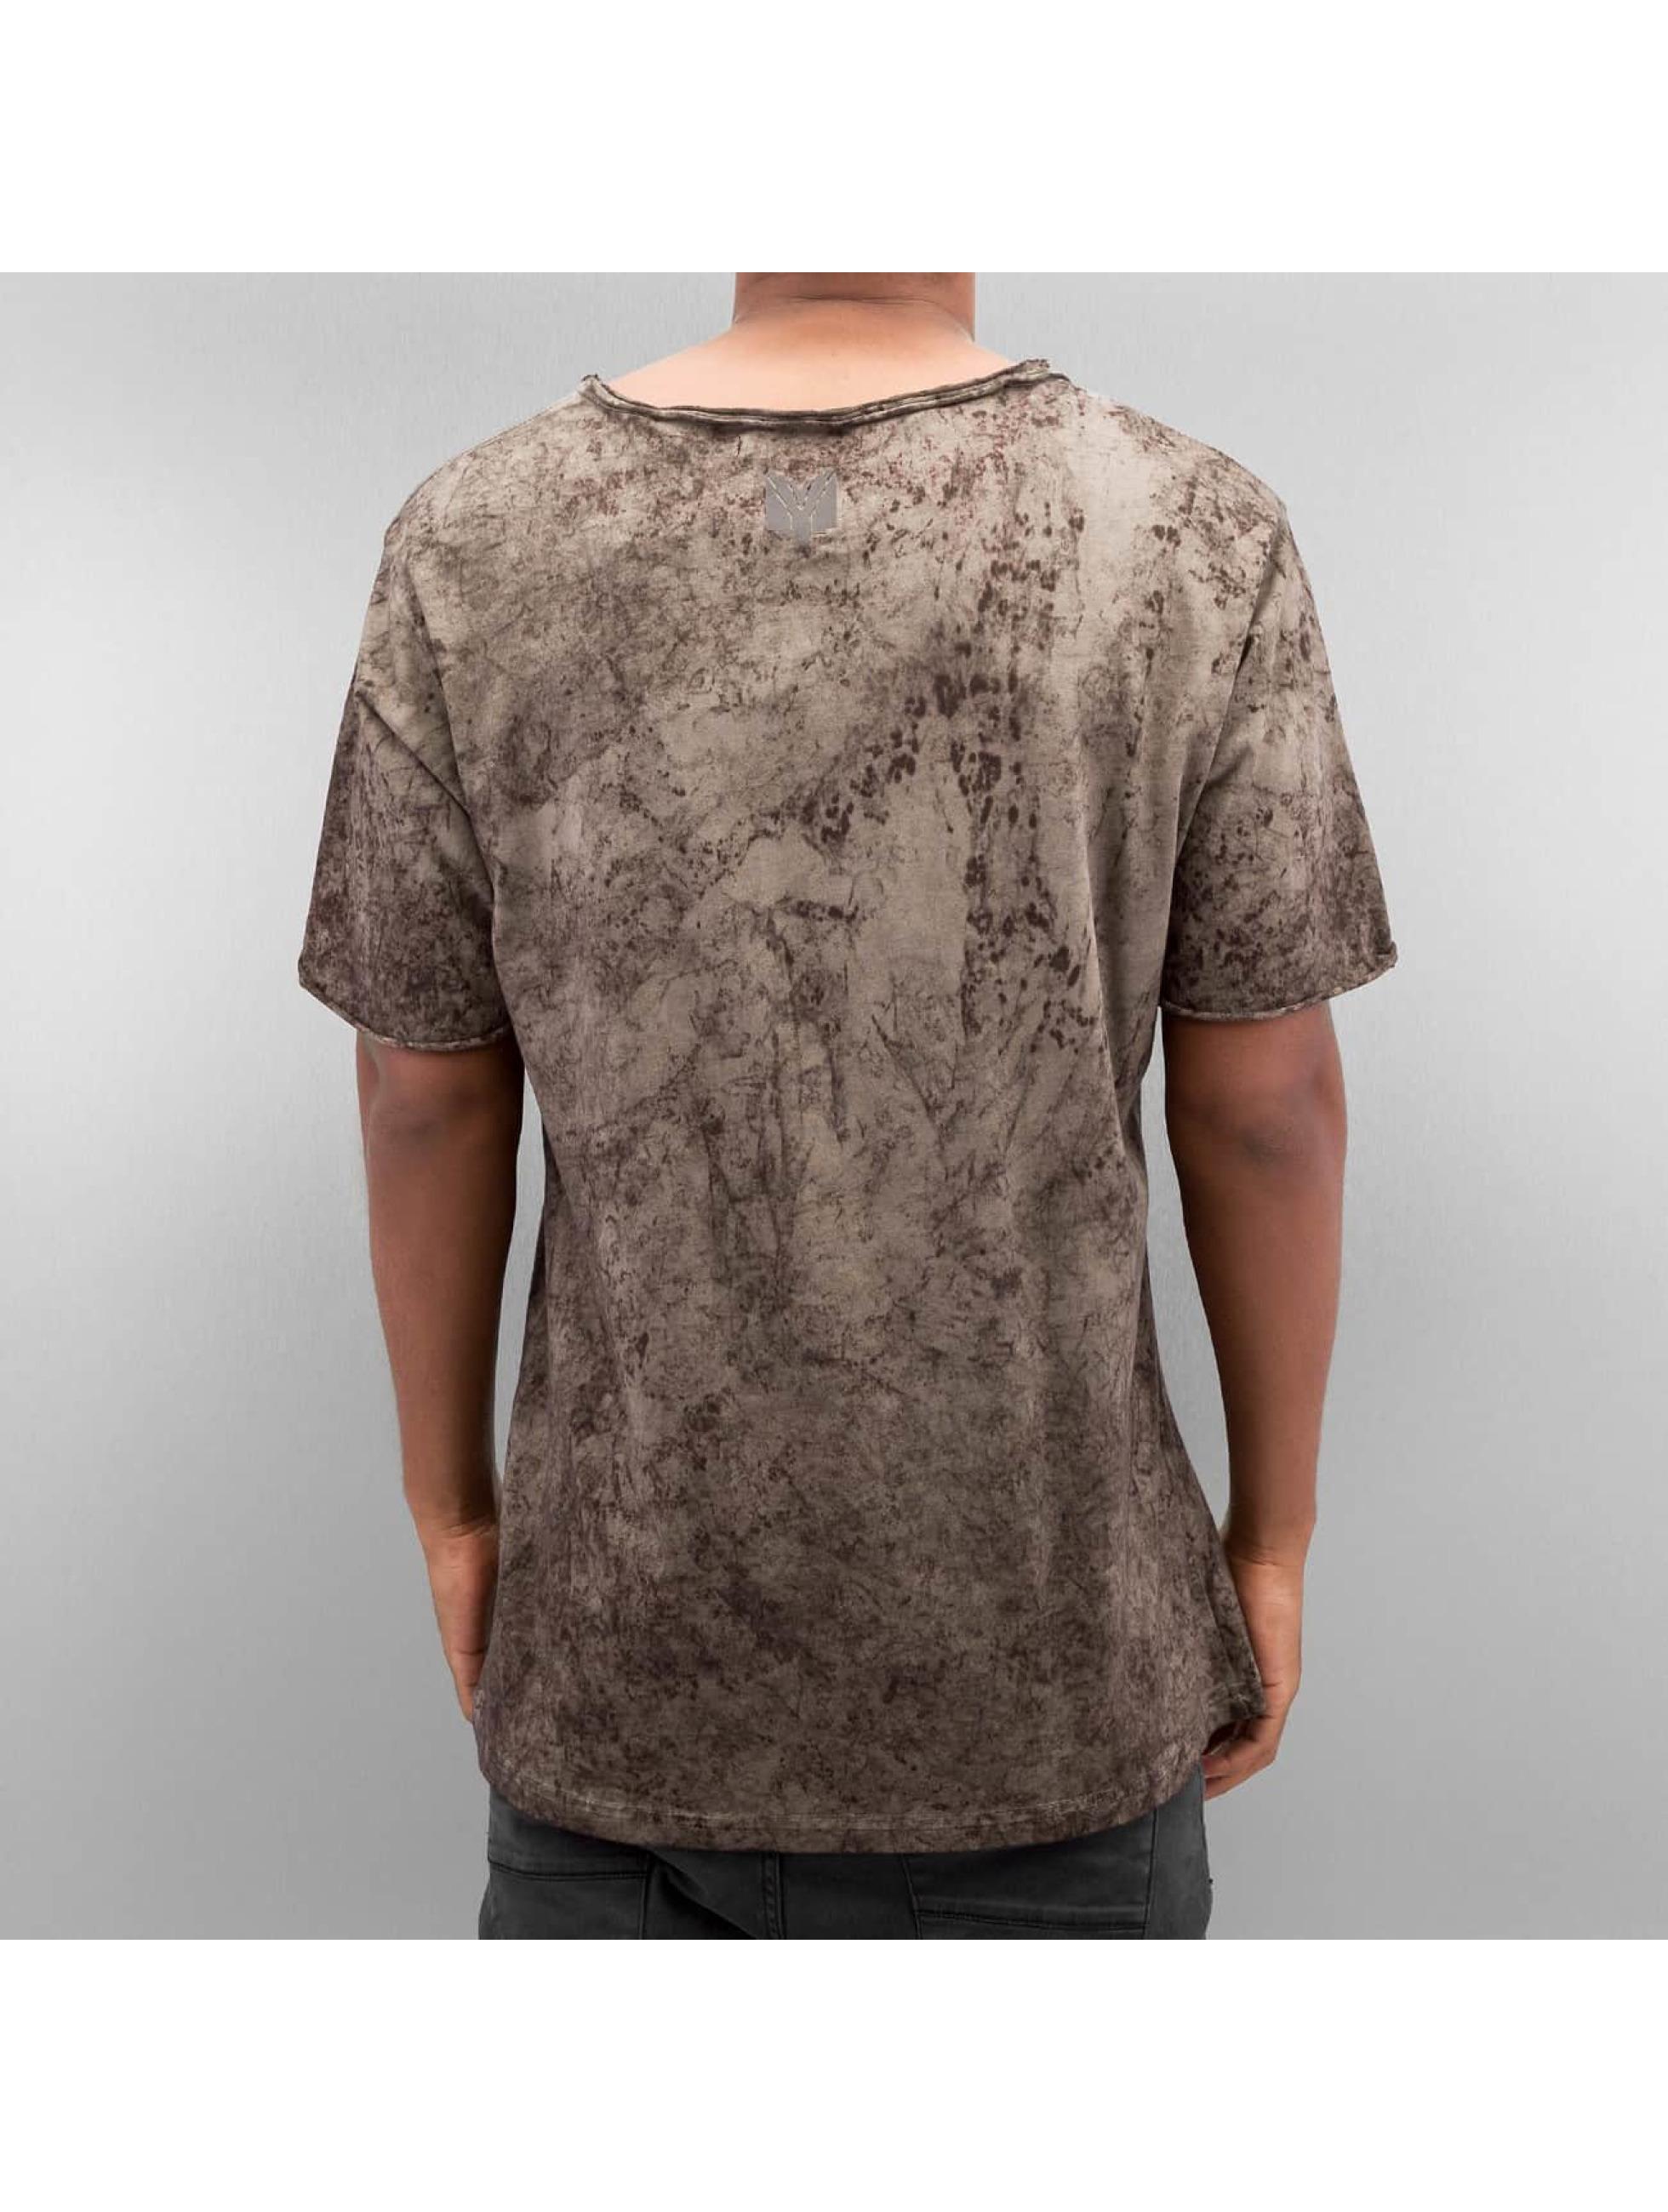 Yezz T-Shirt Marble gray